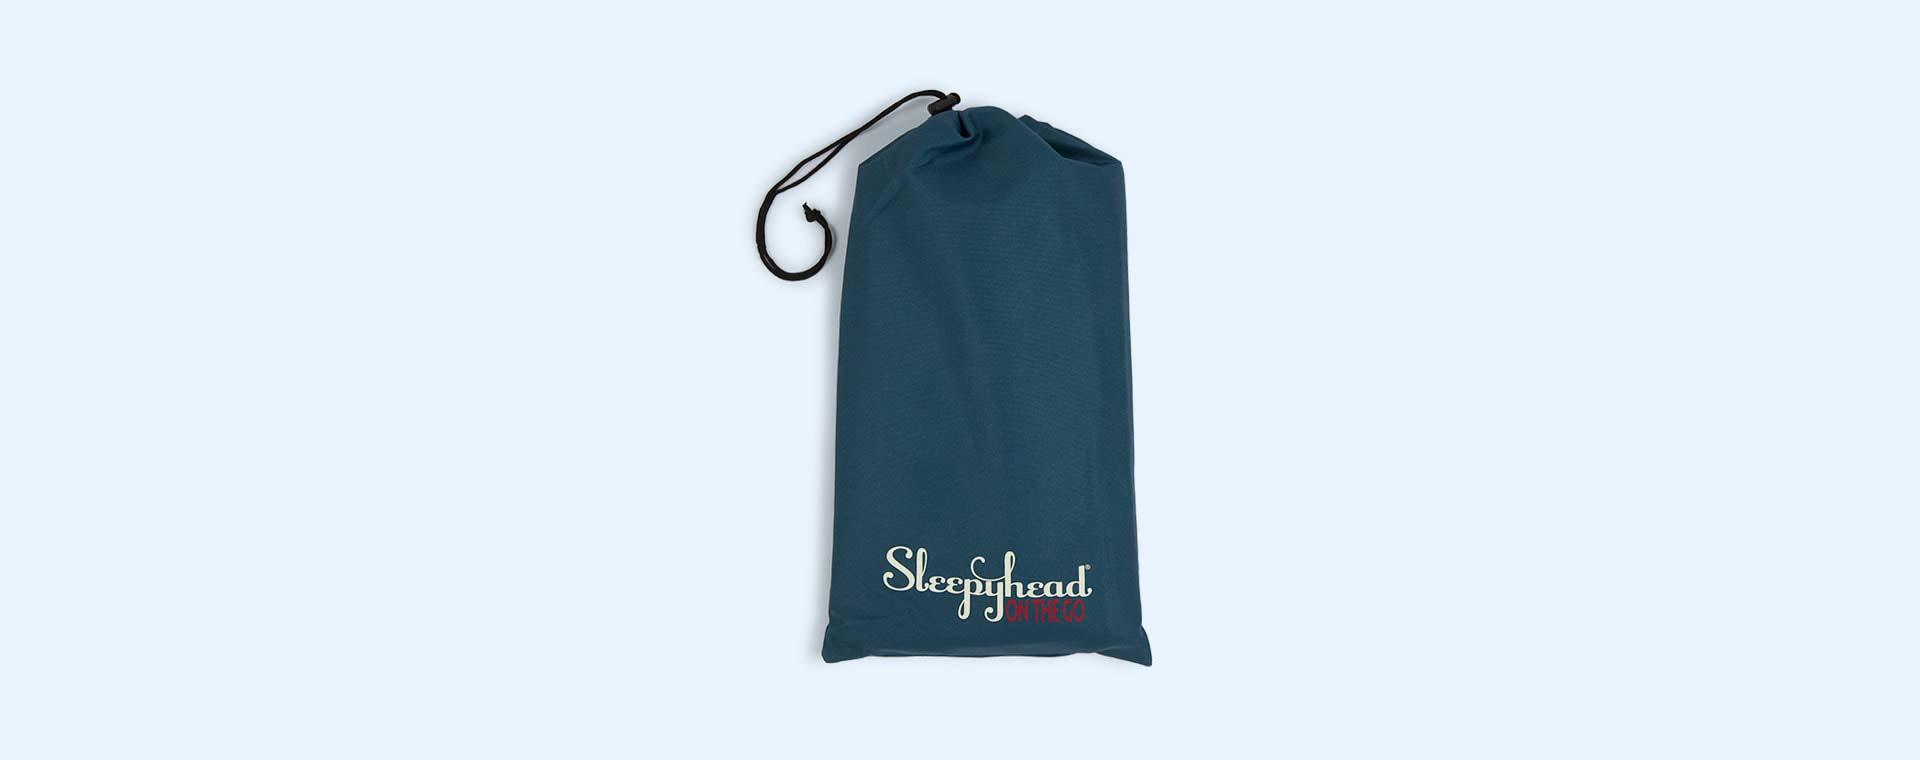 Buy The Sleepyhead Deluxe Baby Pod Travel Bag At Kidly Uk